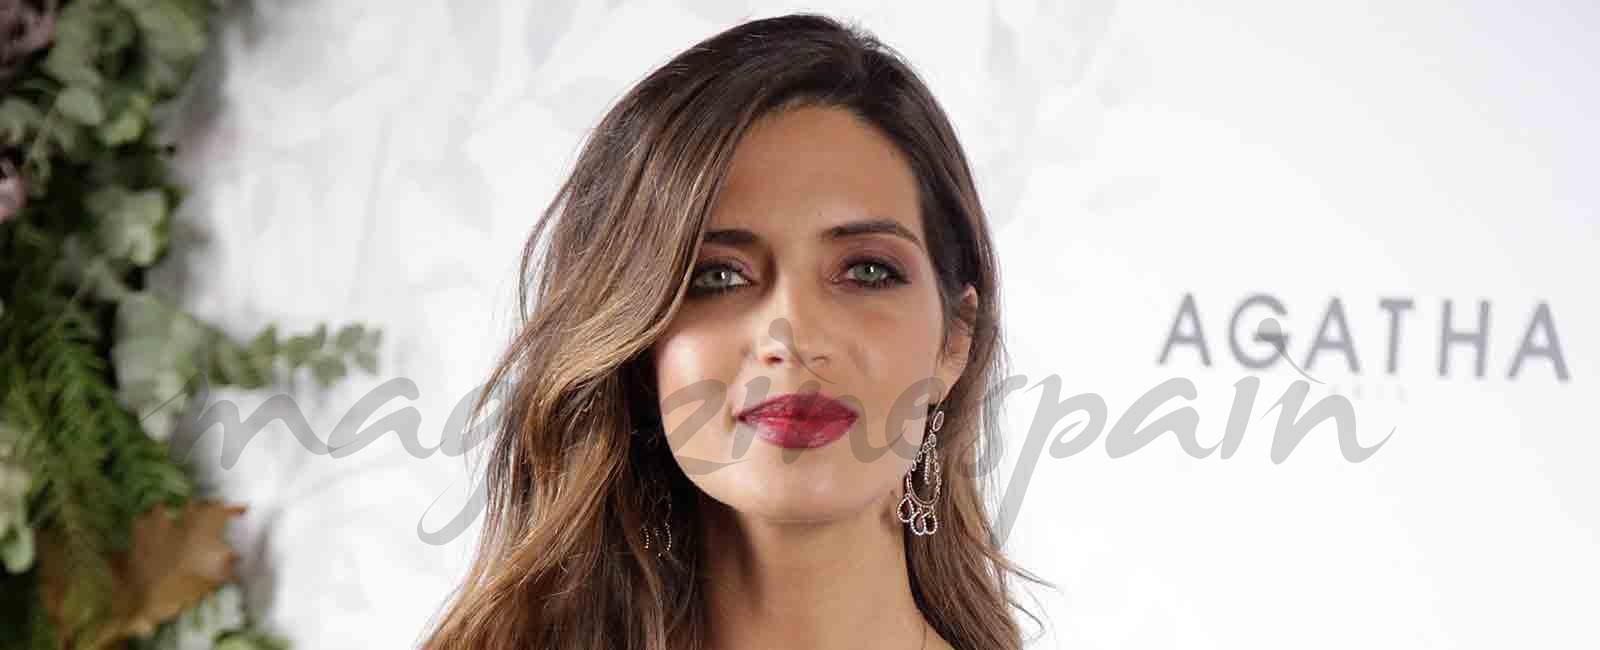 La sorprendente transformación de Sara Carbonero